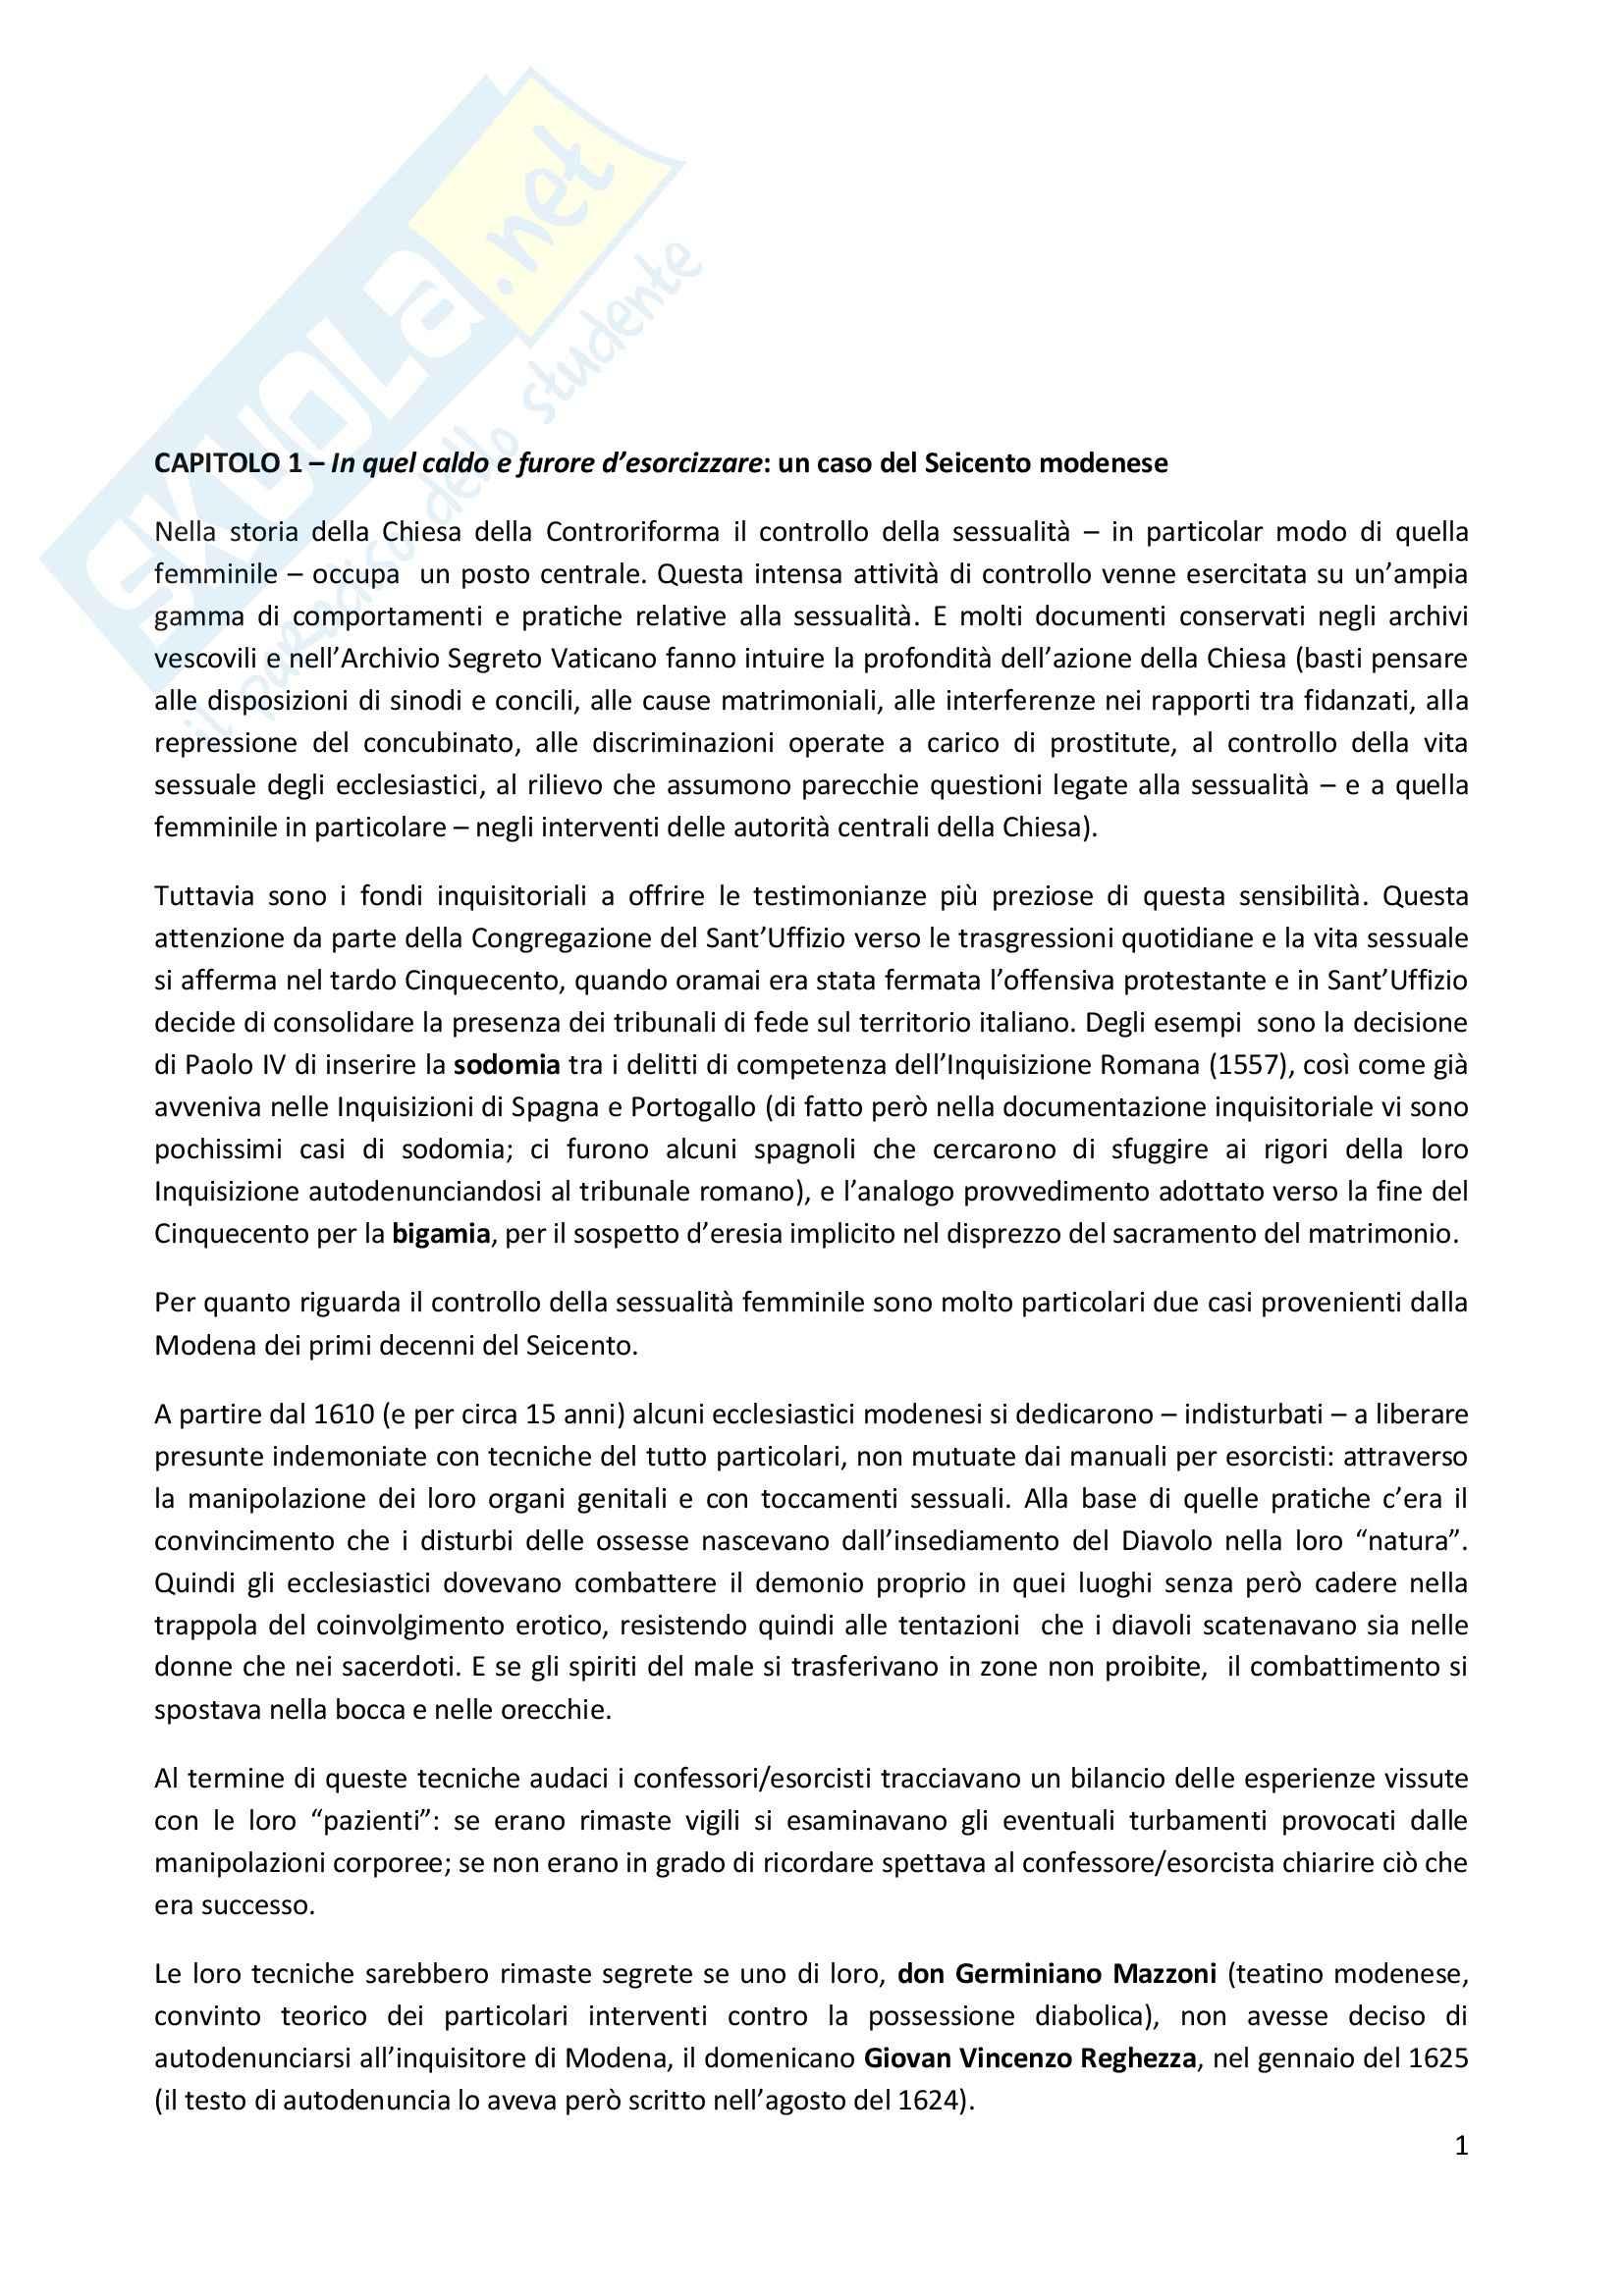 Riassunto esame Storia moderna, prof. Pizzorusso, libro consigliato Esorcisti, confessori e sessualità femminile nell'Italia della Controriforma, Romeo